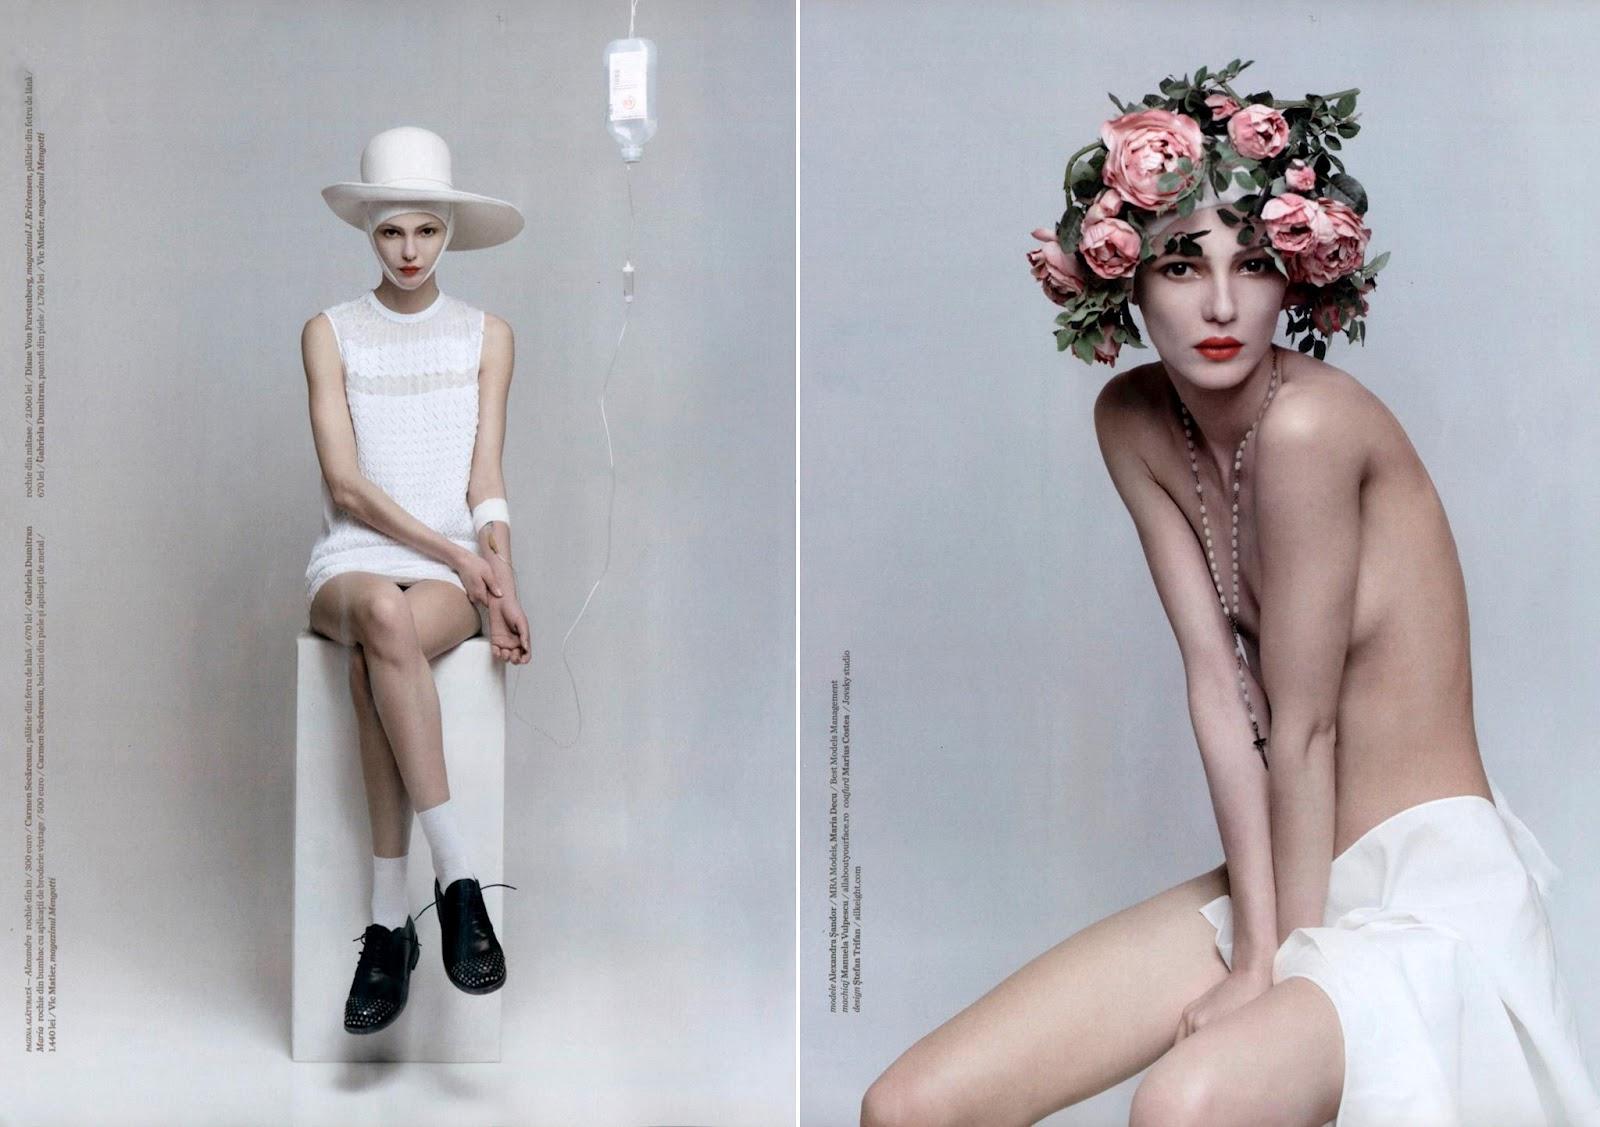 Alexandra sandor fashion spot Log into Facebook Facebook